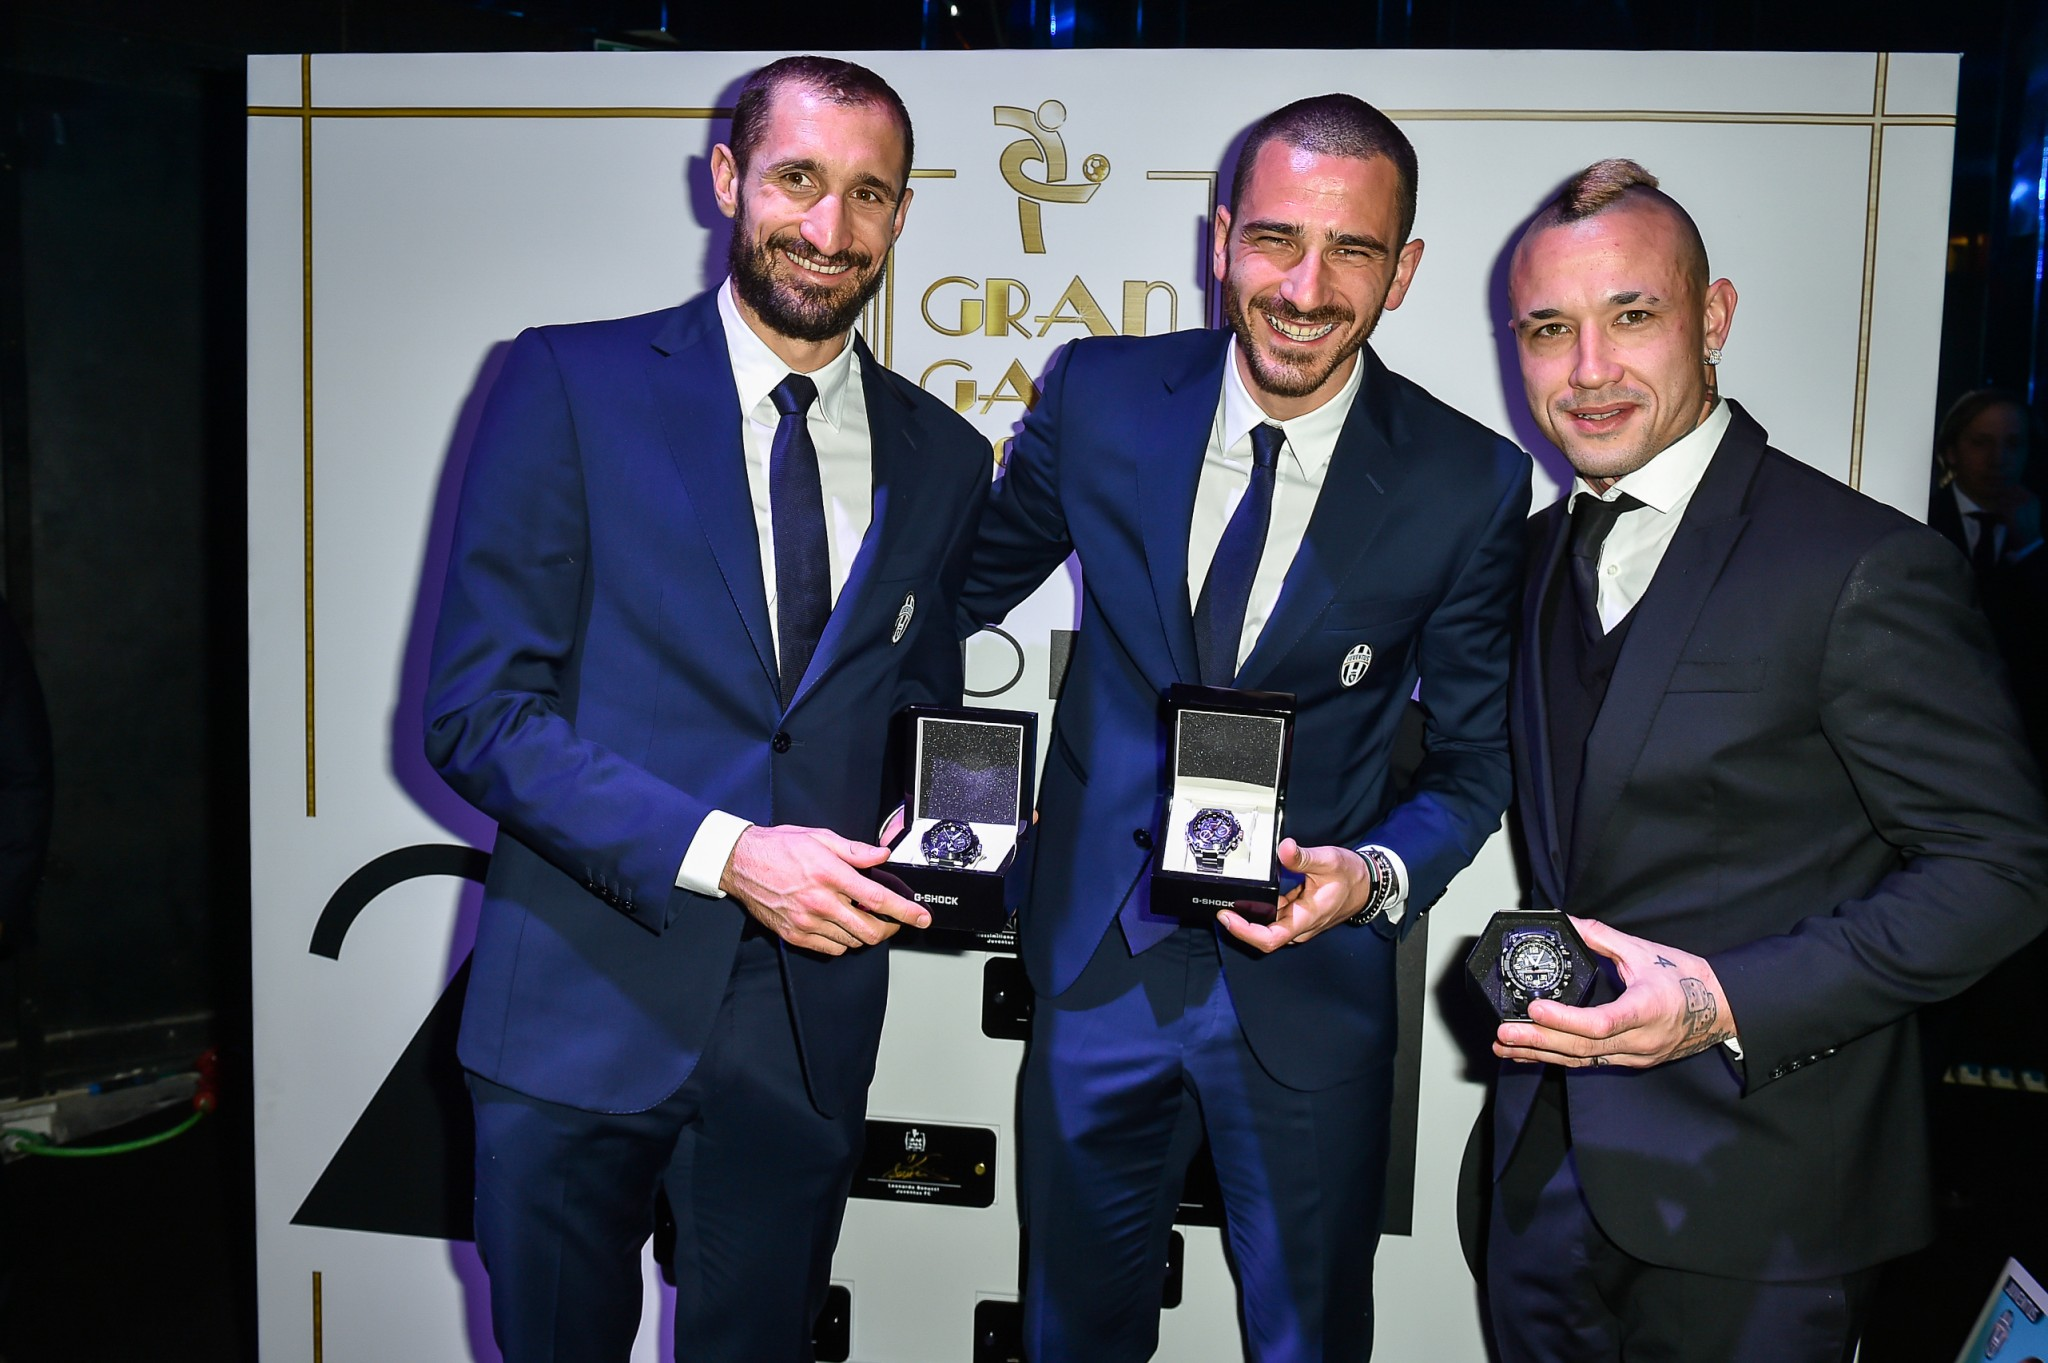 Giorgio-Chiellini-Daniele-Bonucci-e-Radja-Nainggolan-con-orologio-G-Shock-dopo-la-premiazione- (1)